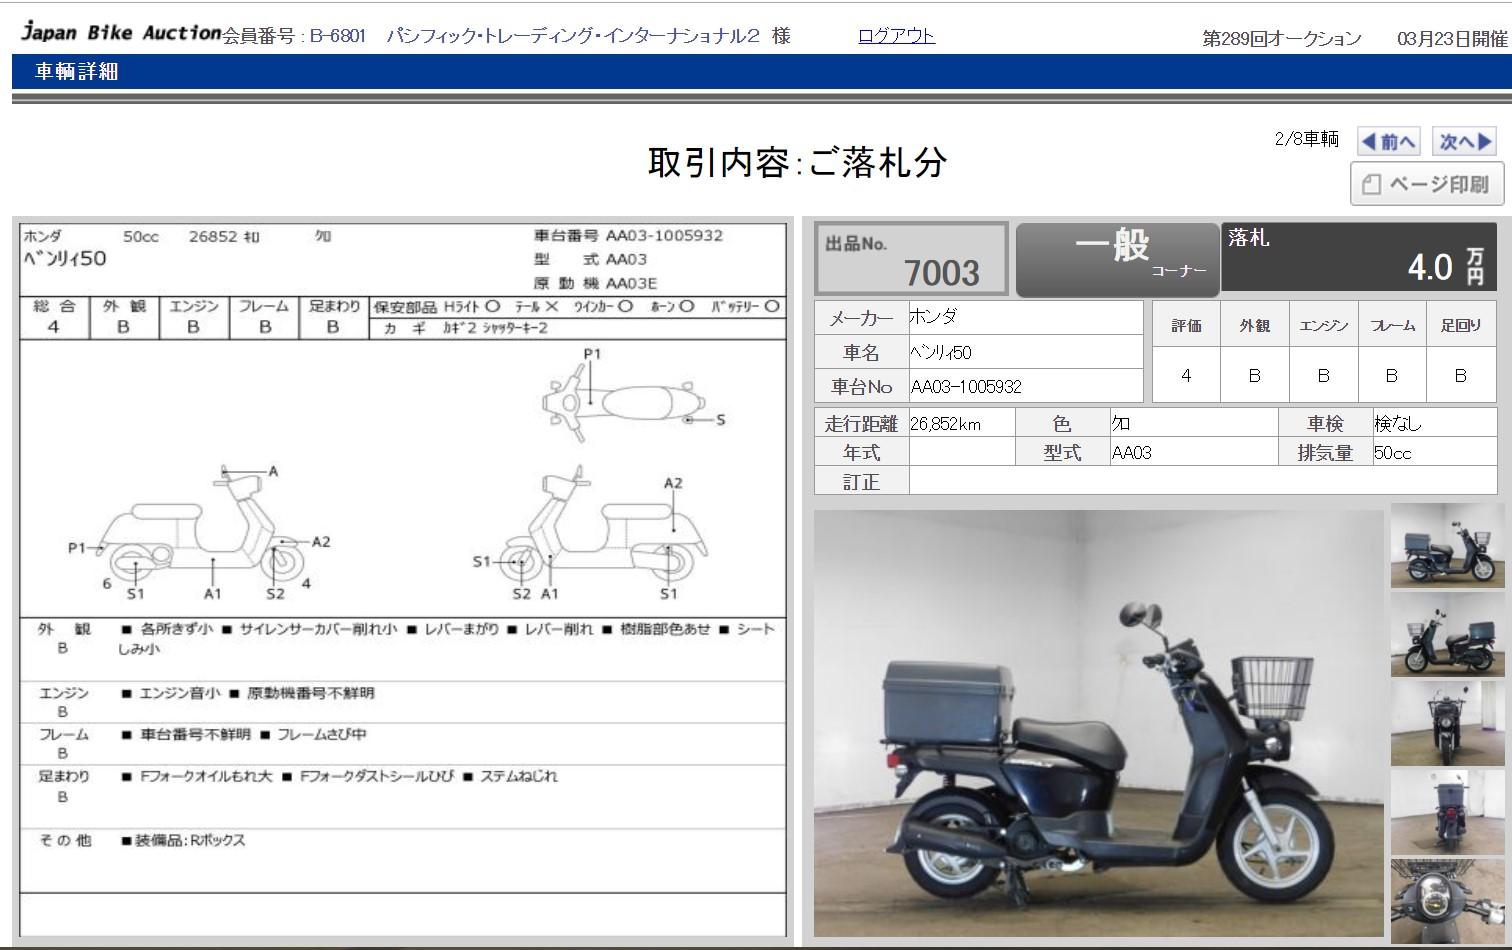 Каталог скутеров Honda — краткое описание и технические данные